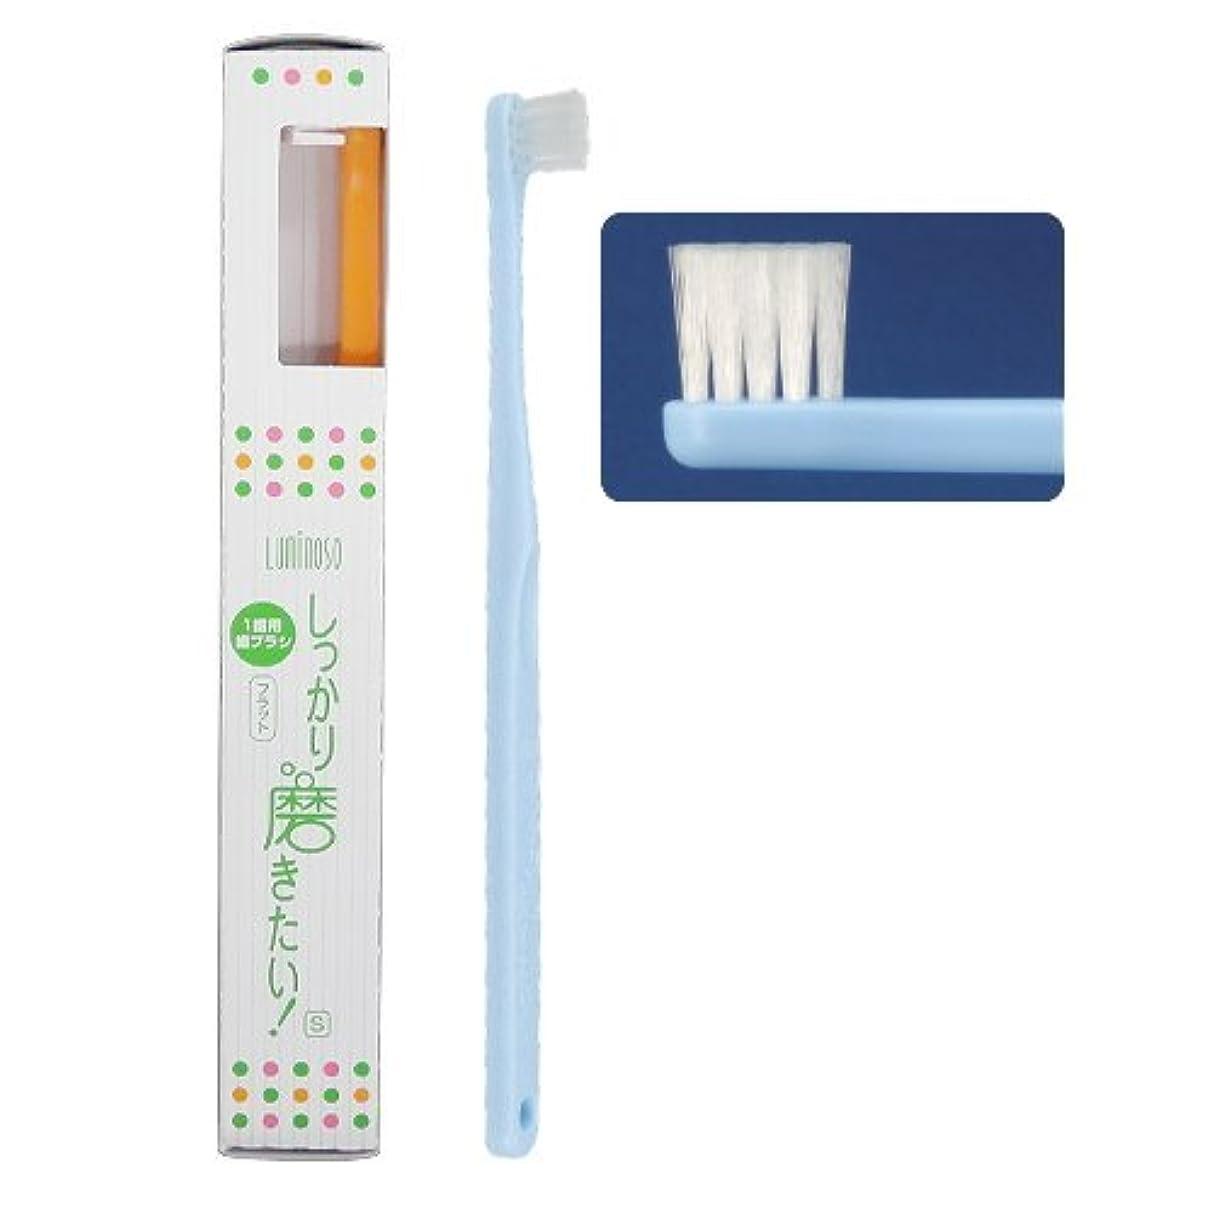 おんどりスラダム磁石ルミノソ 1歯用歯ブラシ 「しっかり磨きたい!」 フラット ソフト (カラー指定不可) 5本